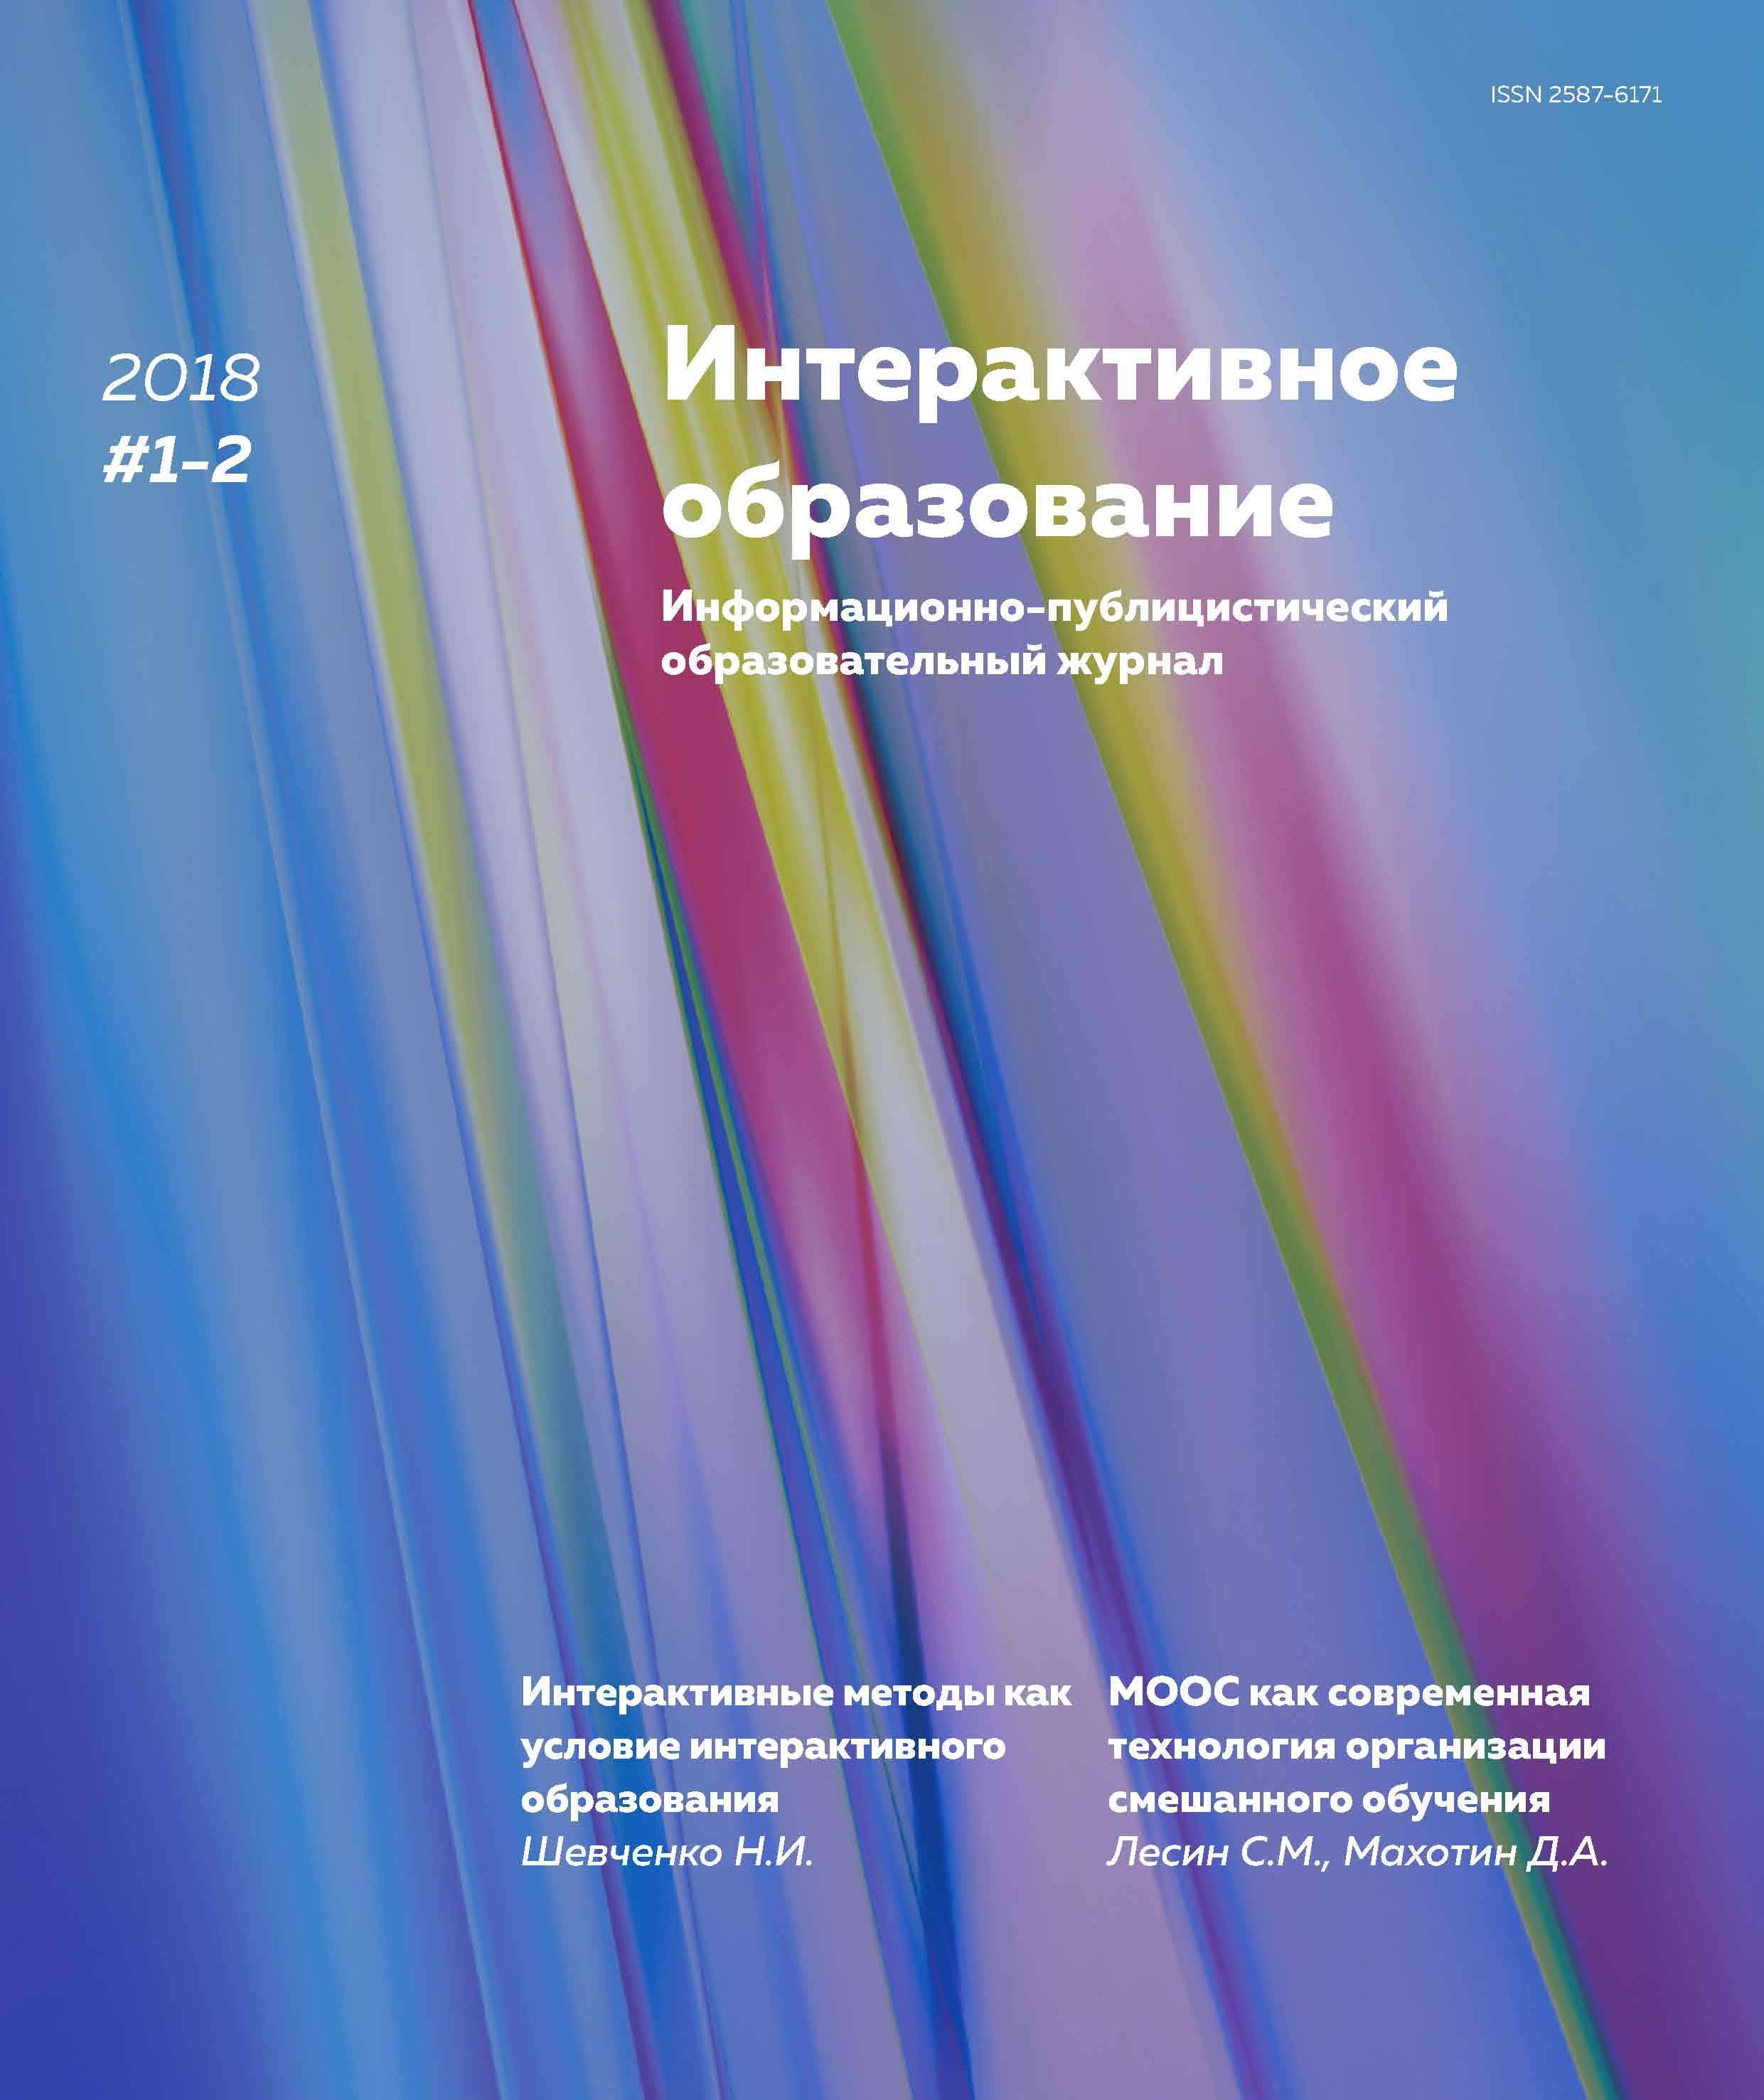 Интерактивное образование № 1–2 2018 г.